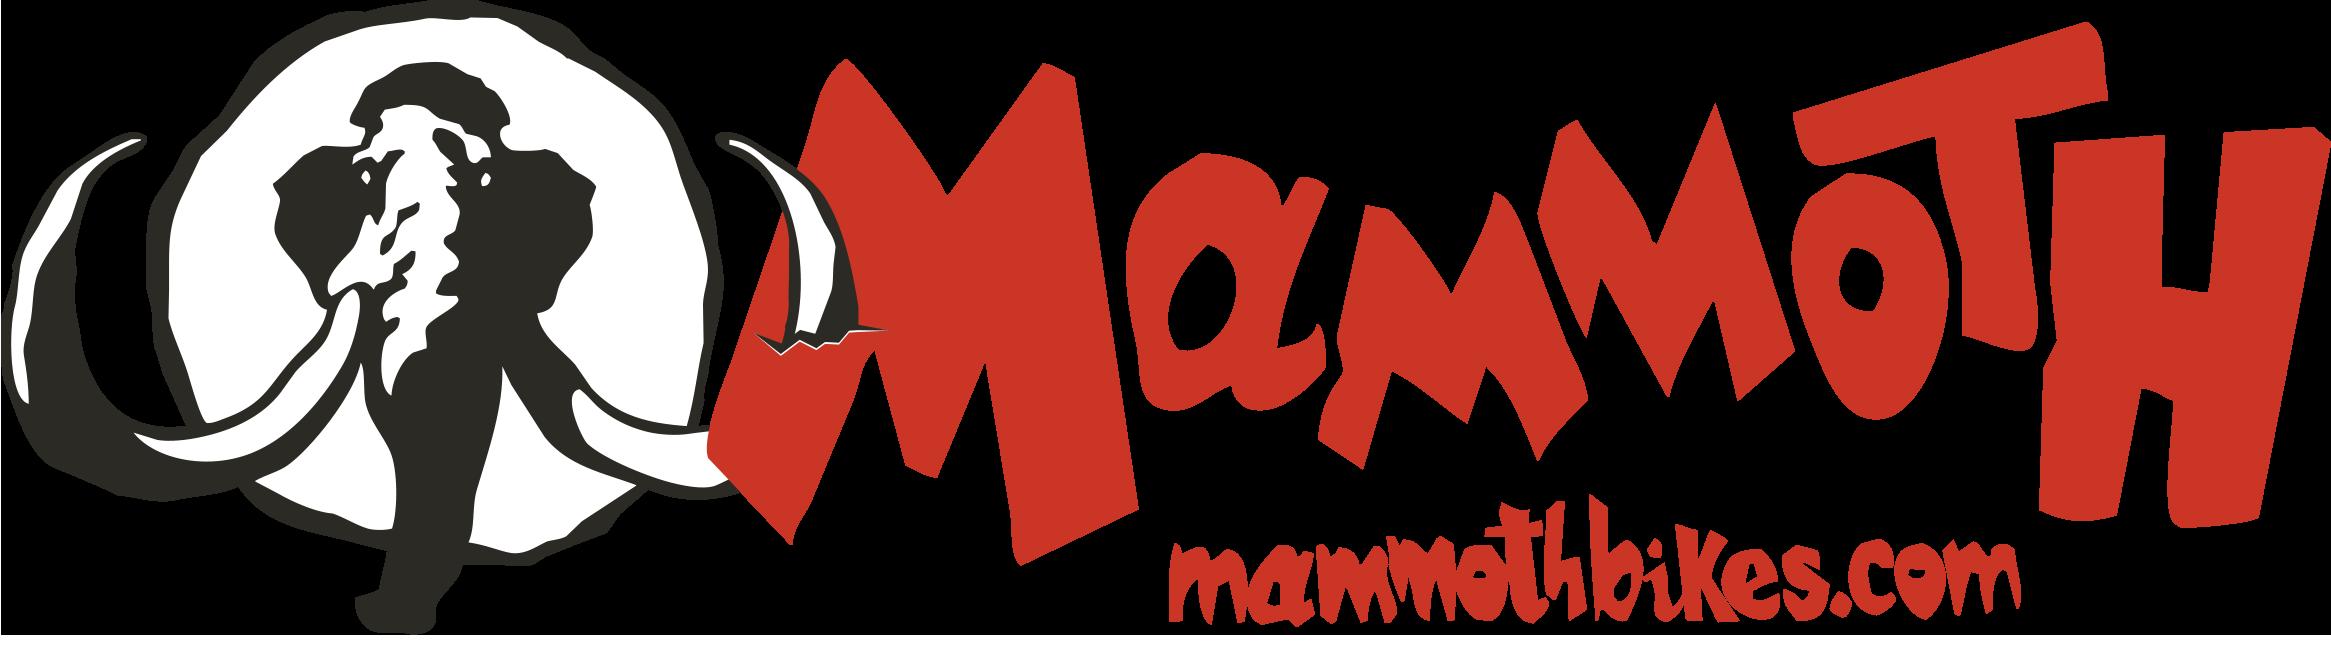 LOGO Mammoth Bikes, colaboradora de 30 Días en Bici en 2021